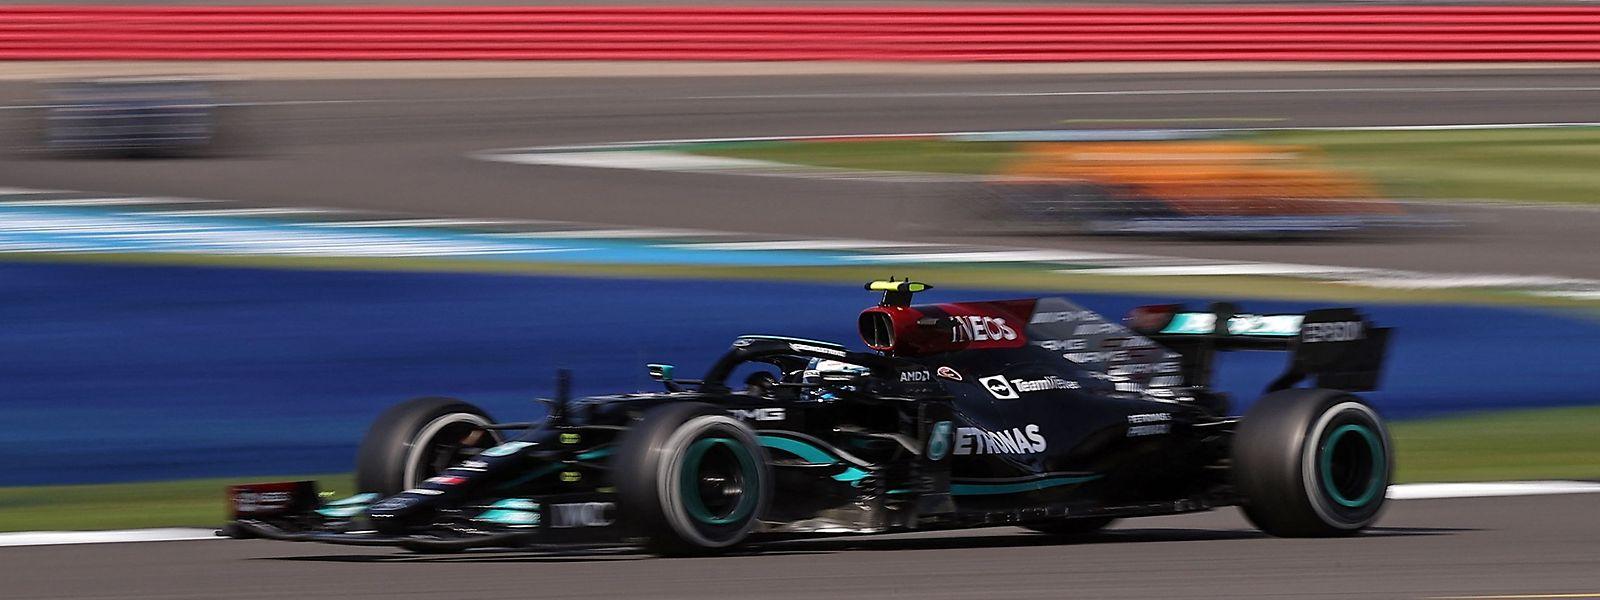 Lewis Hamilton agiert mit viel Risiko und wird belohnt.